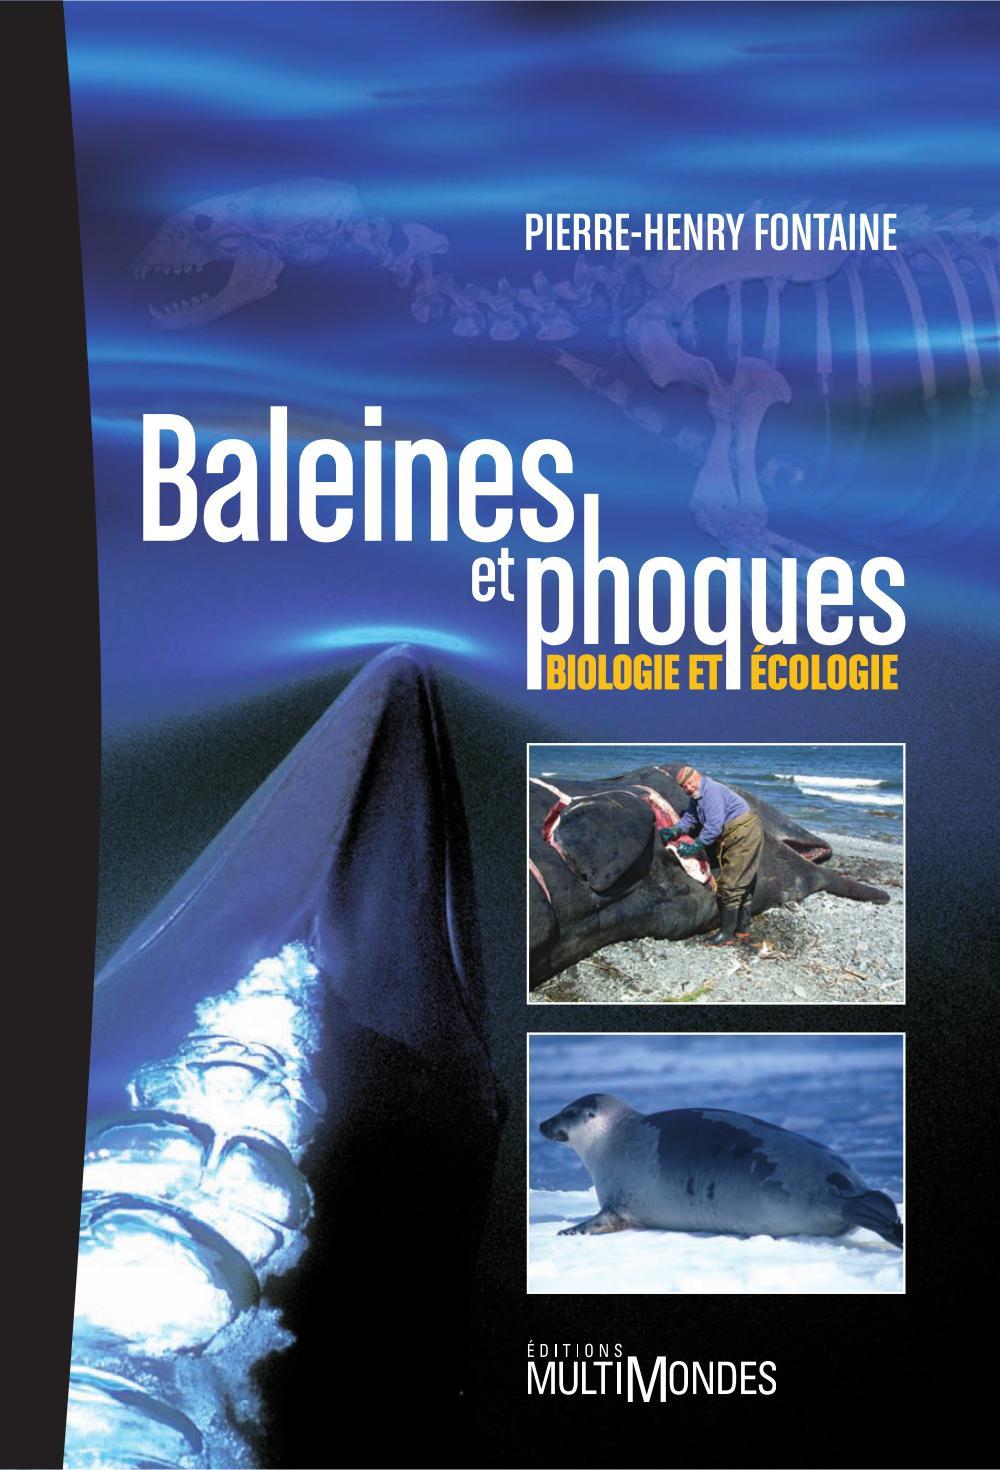 Vignette du livre Baleines et phoques: Biologie et écologie